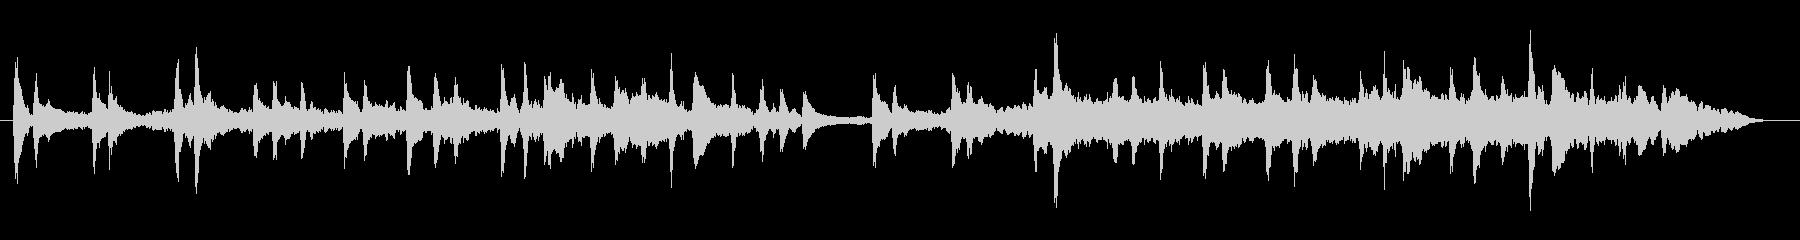 ファンタジーな癒しサウンドの未再生の波形